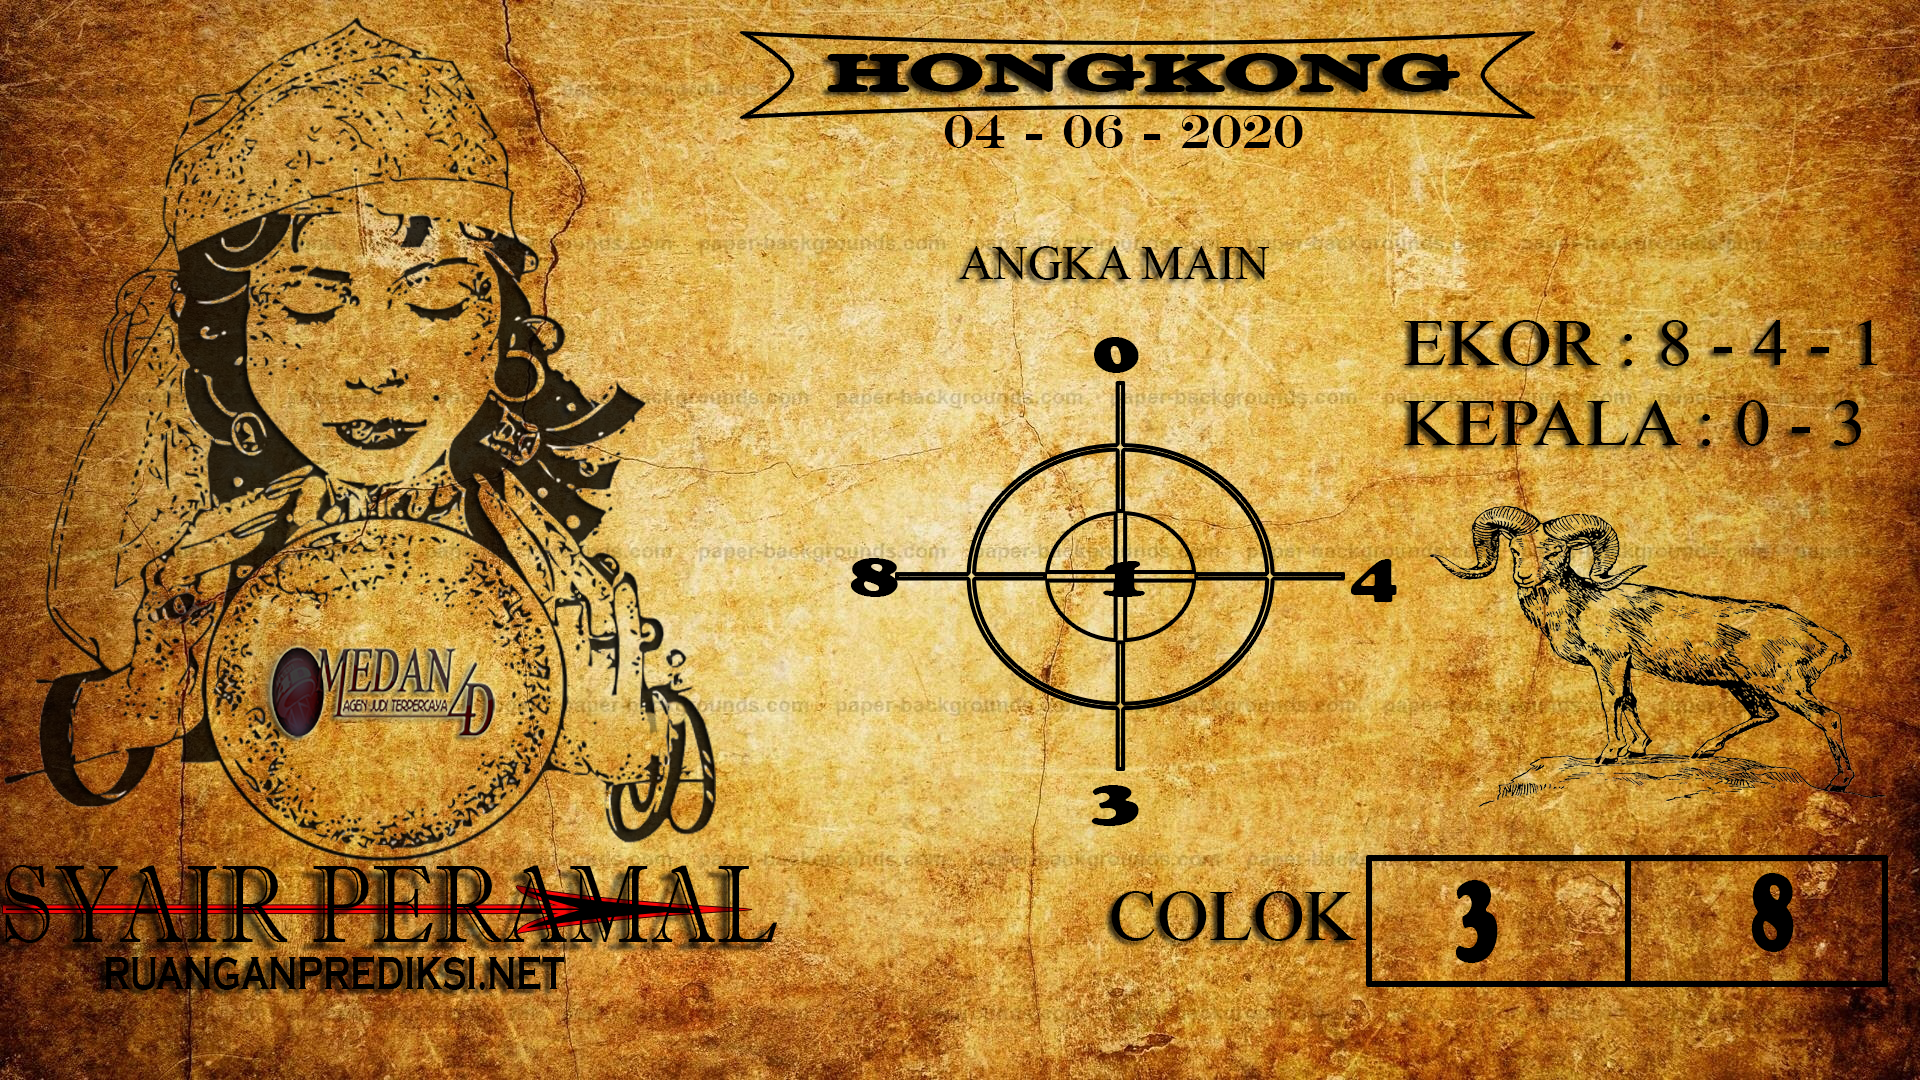 PERAMAL TERBARU HK.png (1920×1080)